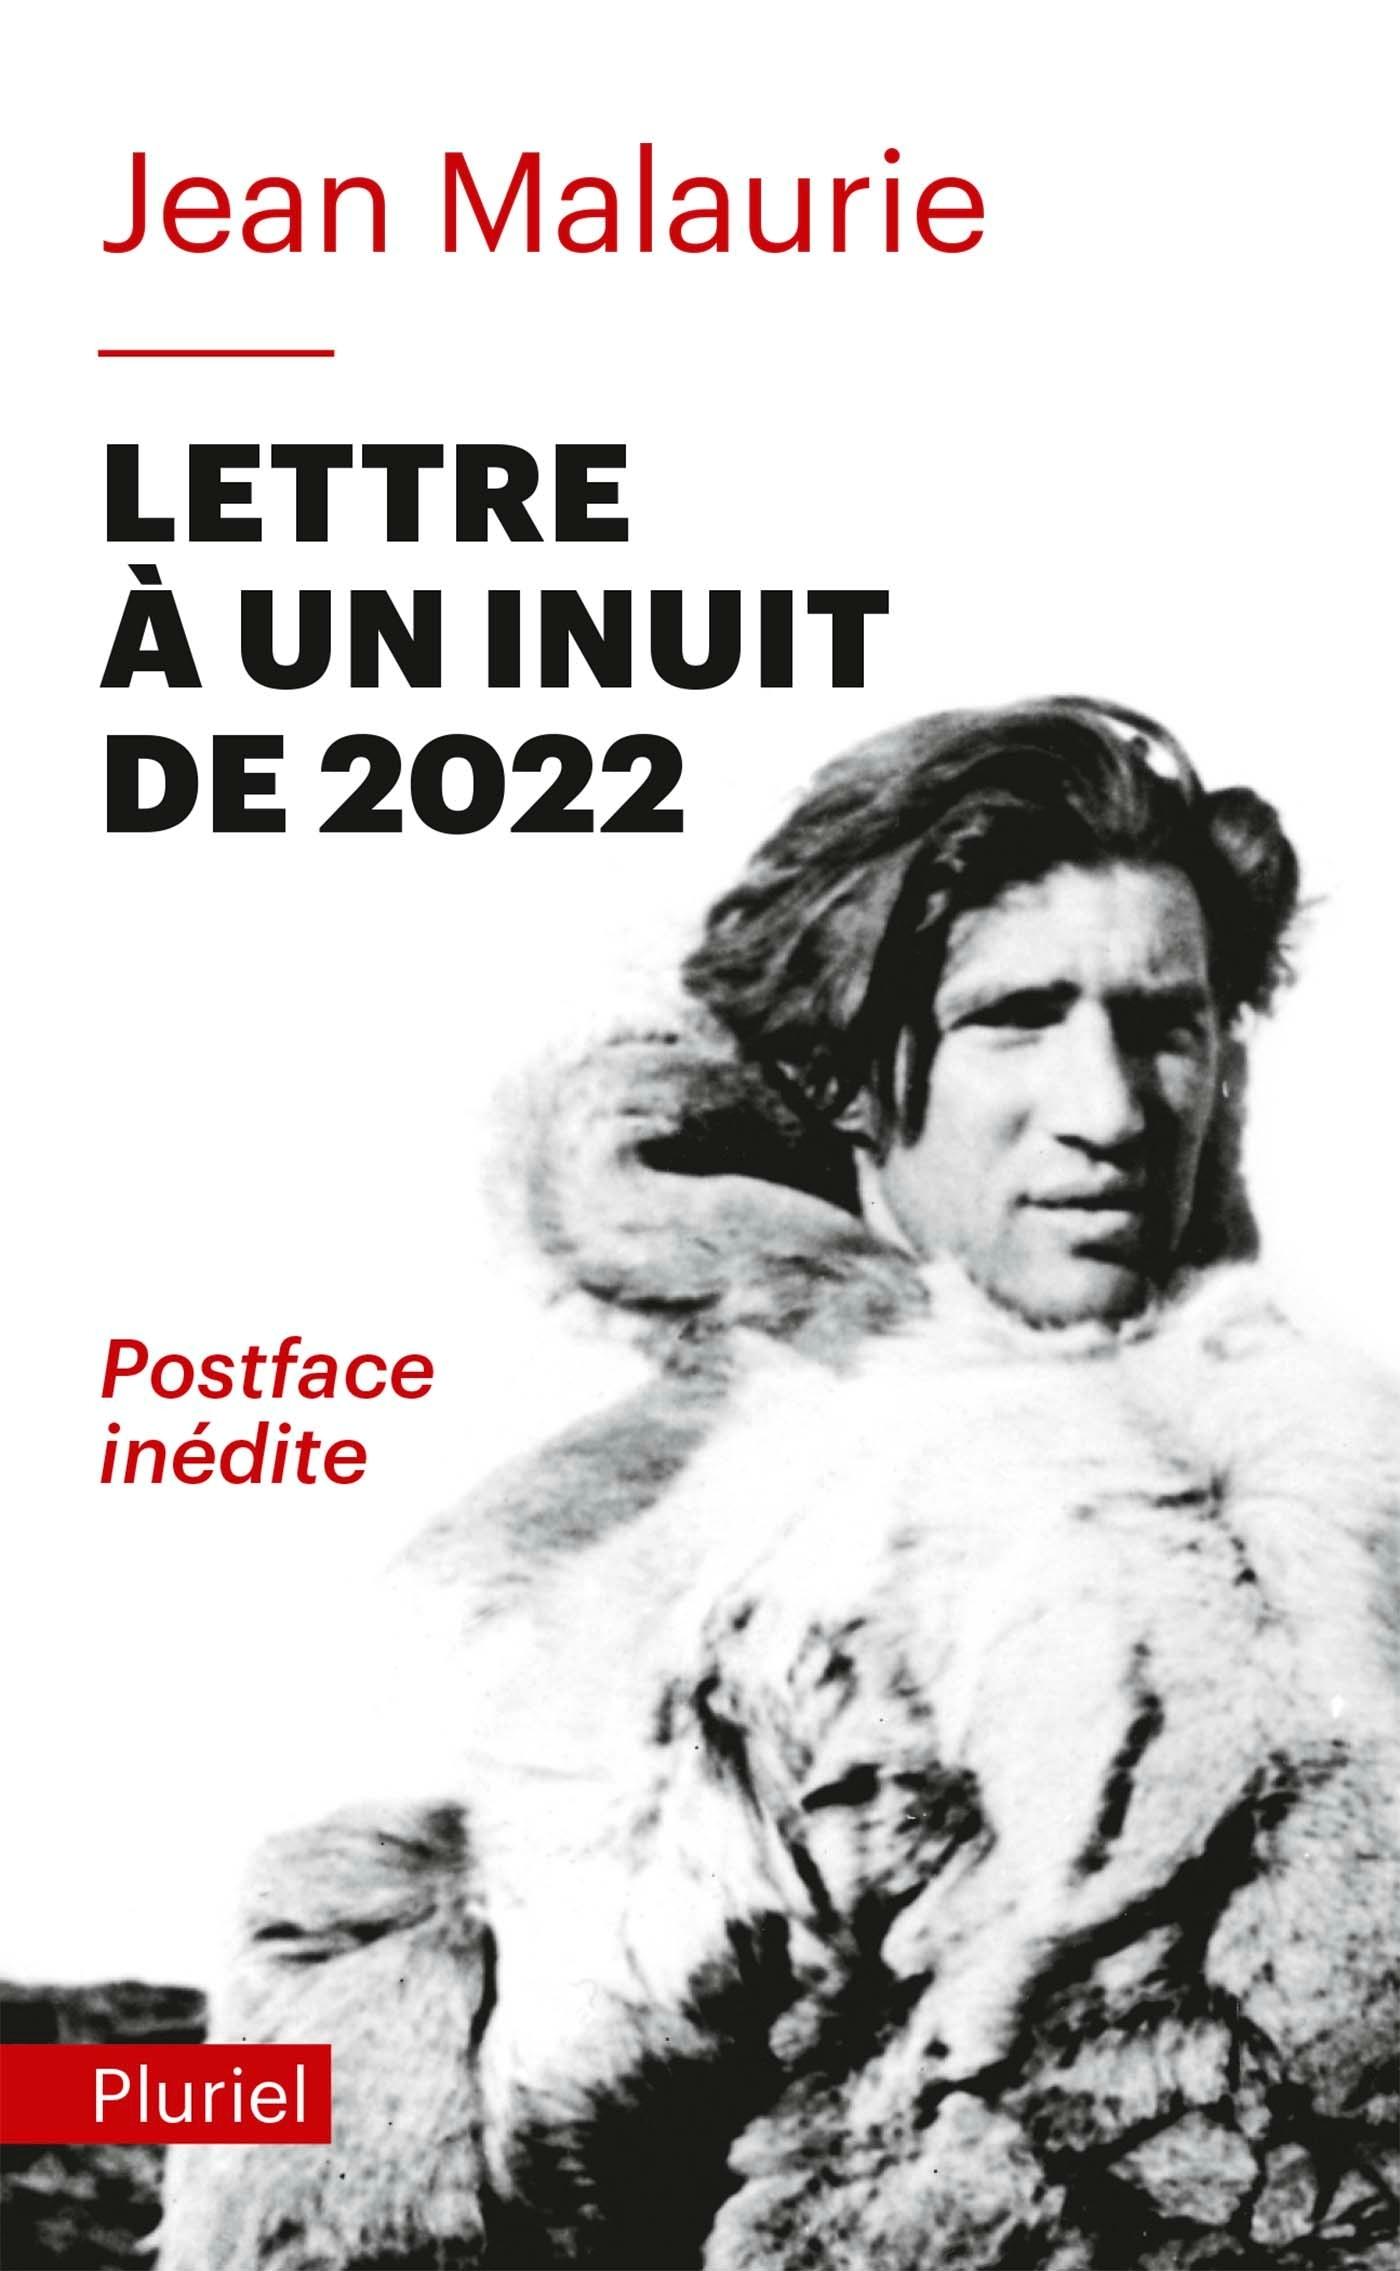 LETTRE A UN INUIT DE 2022